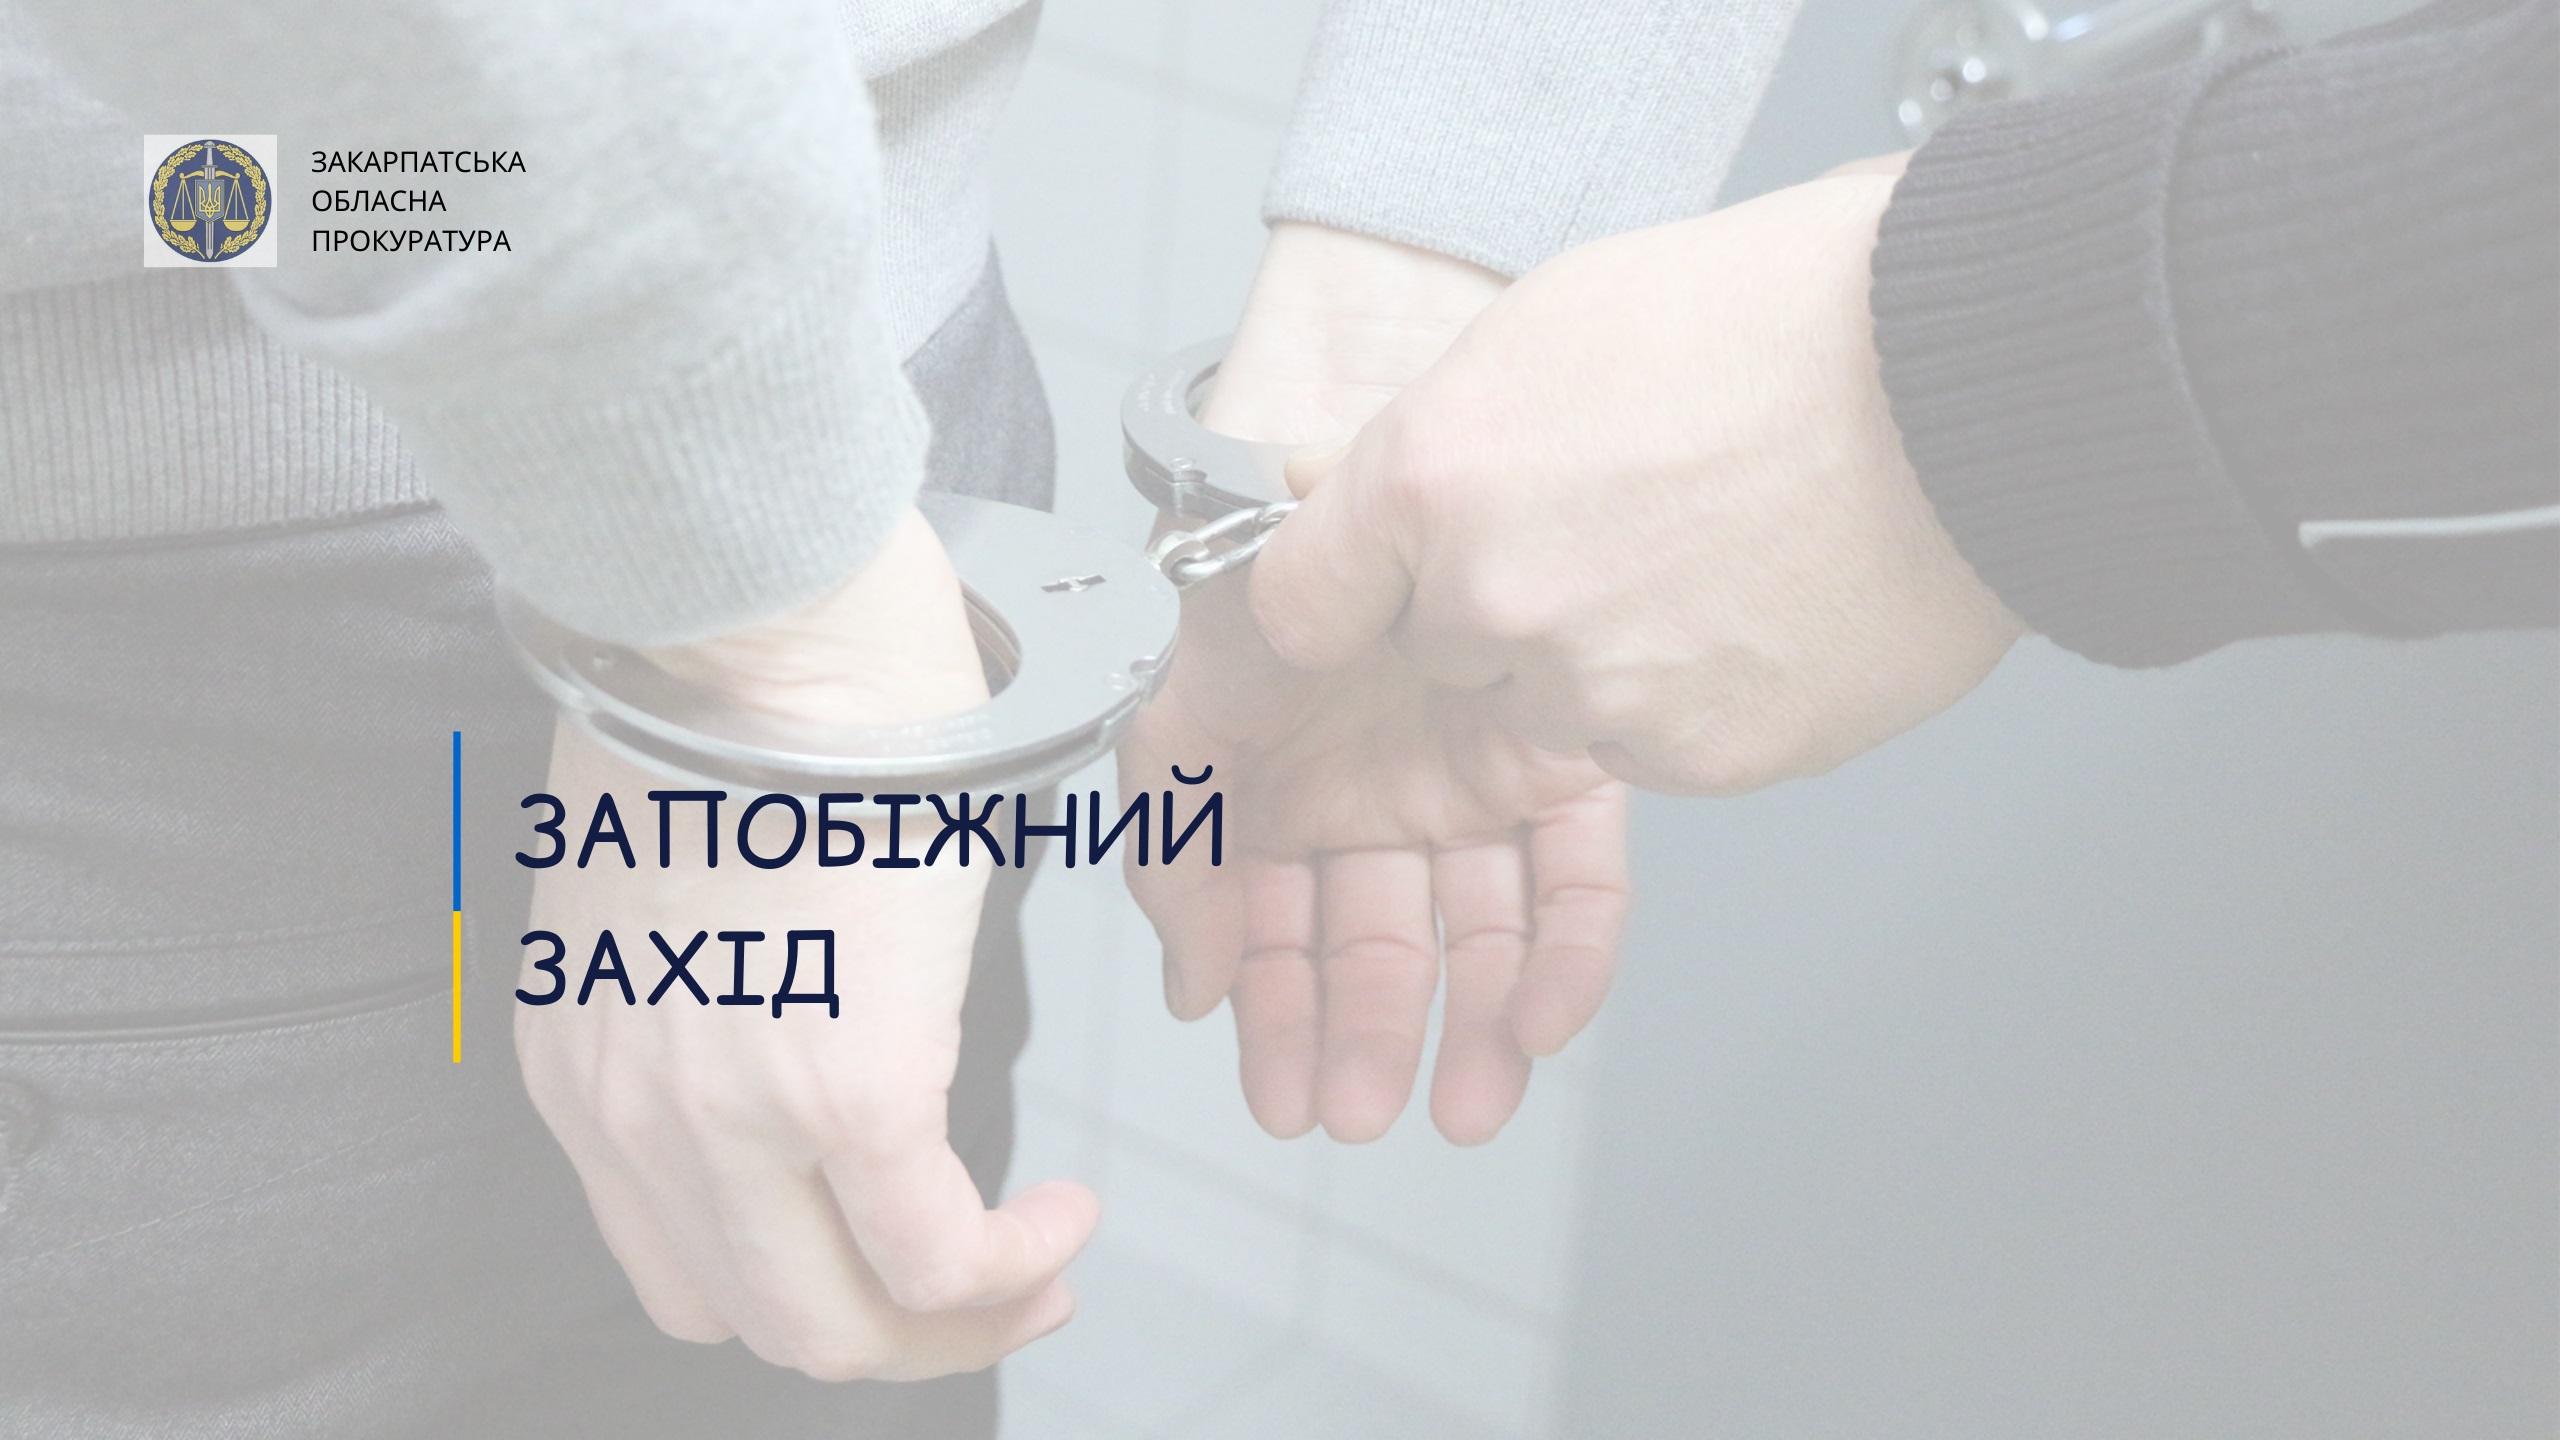 Розбійний напад на жінку в Ужгороді: підозрюваному обрано запобіжний захід